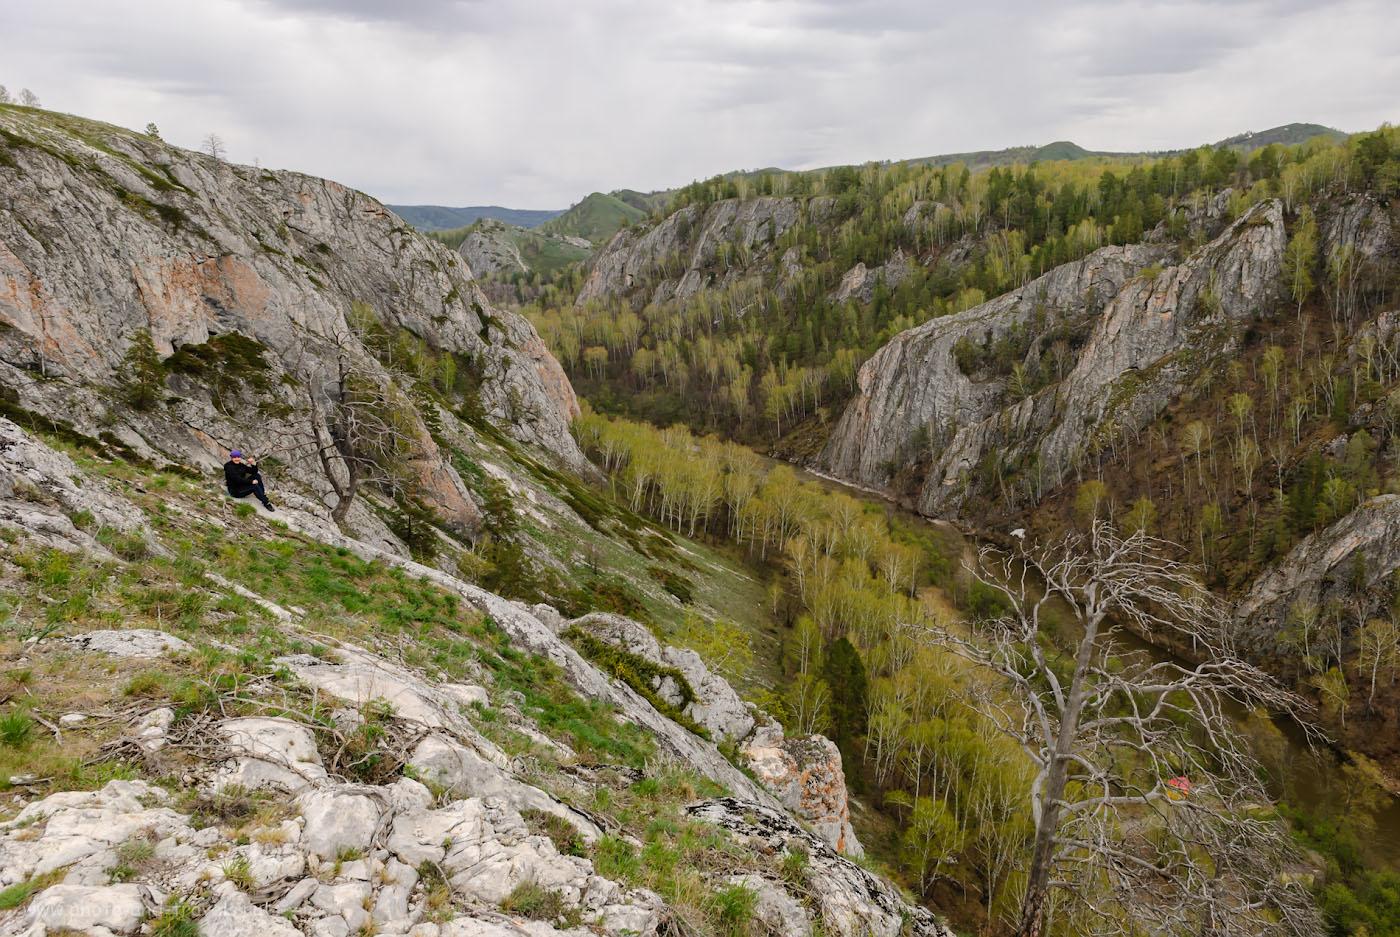 Фотография 16. Весной в Мурадымовском ущелье немноголюдно, вот где можно отдохнуть душой. 1/125, -1.0, 8.0, 100, 17.